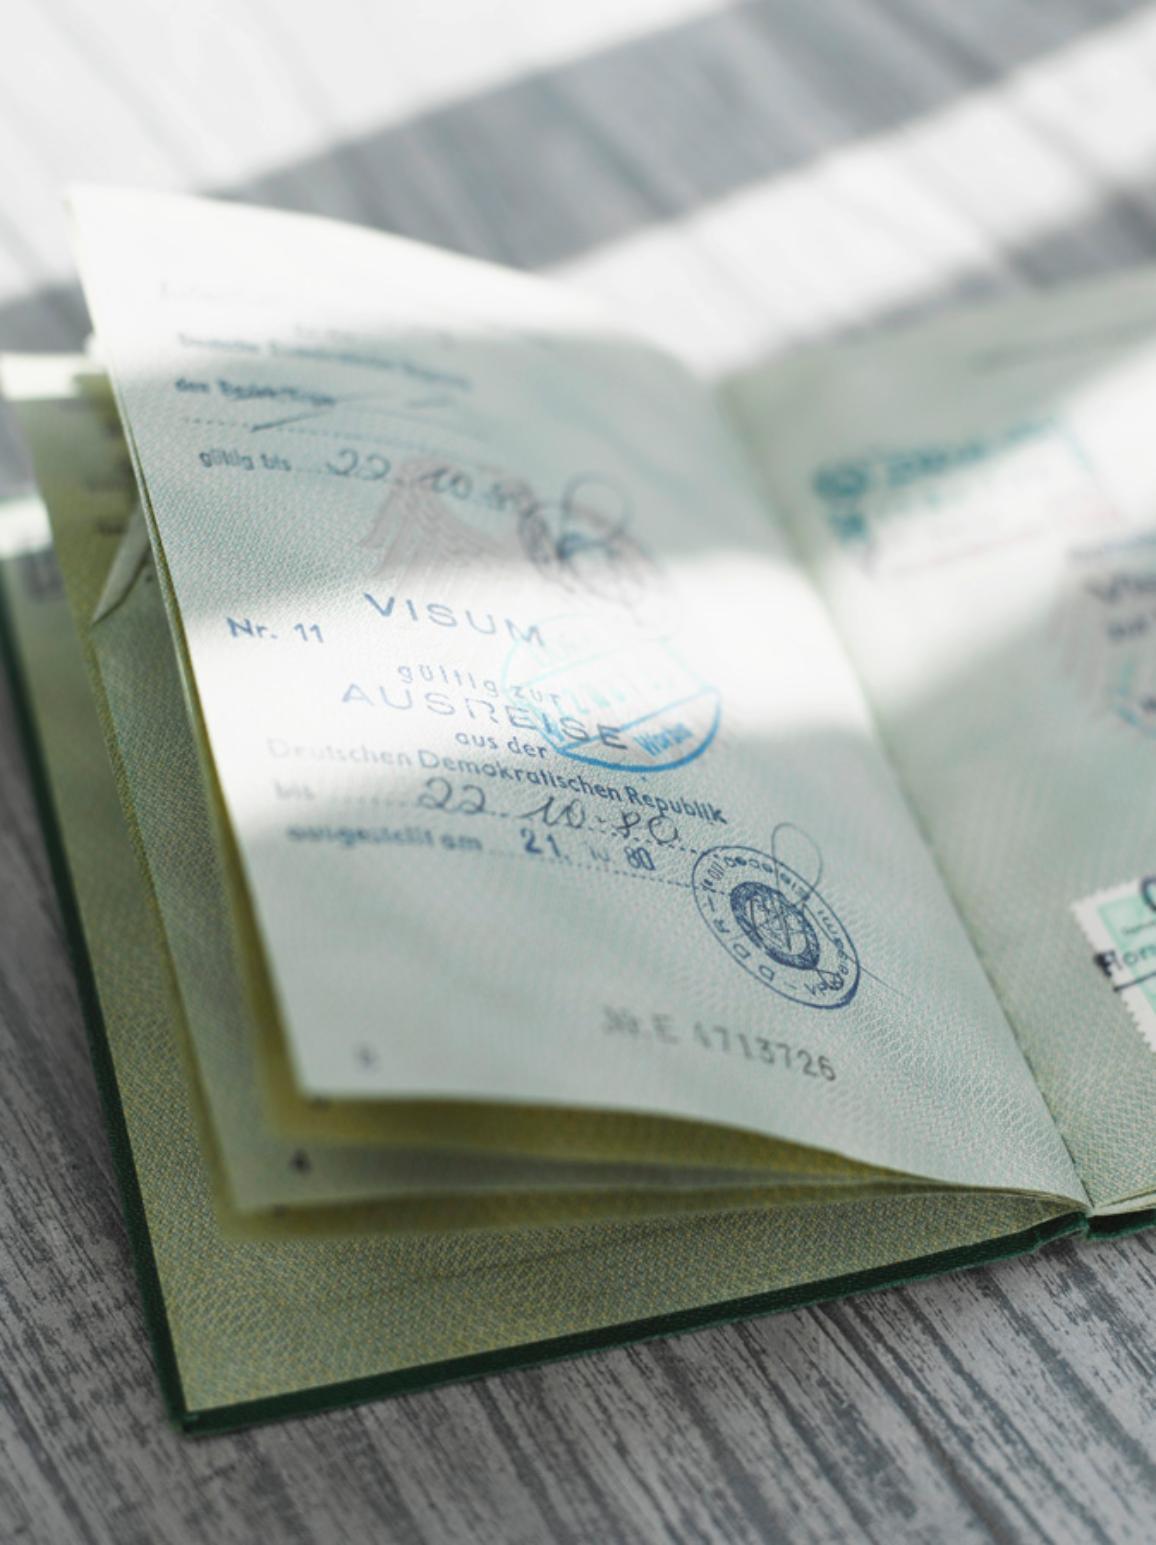 Instantánea de un pasaporte sellado. © BELGA_WESTEND61